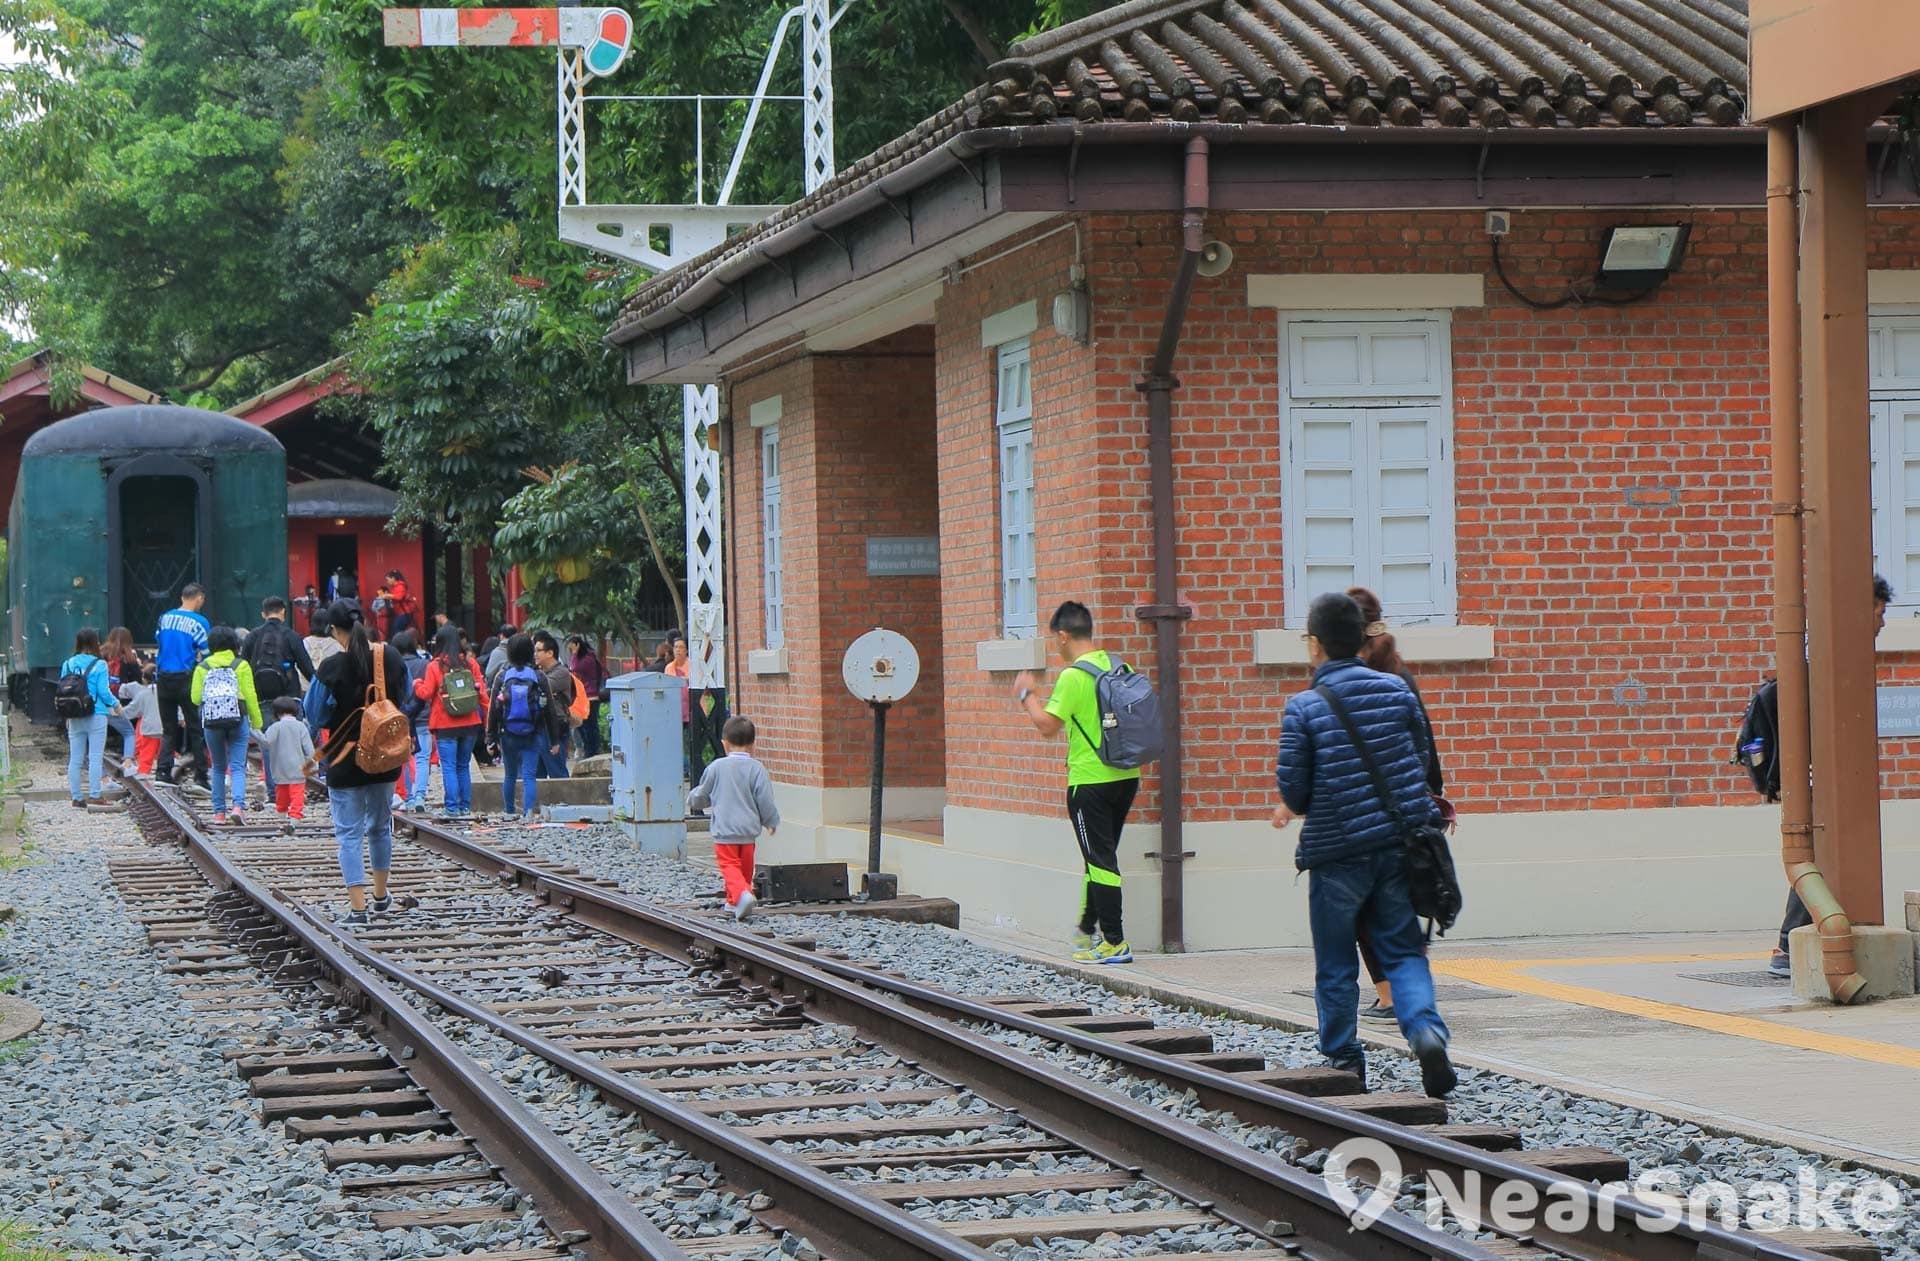 訪客可在鐵路博物館內任意拍照,在火車軌上也可安全地擺甫士。